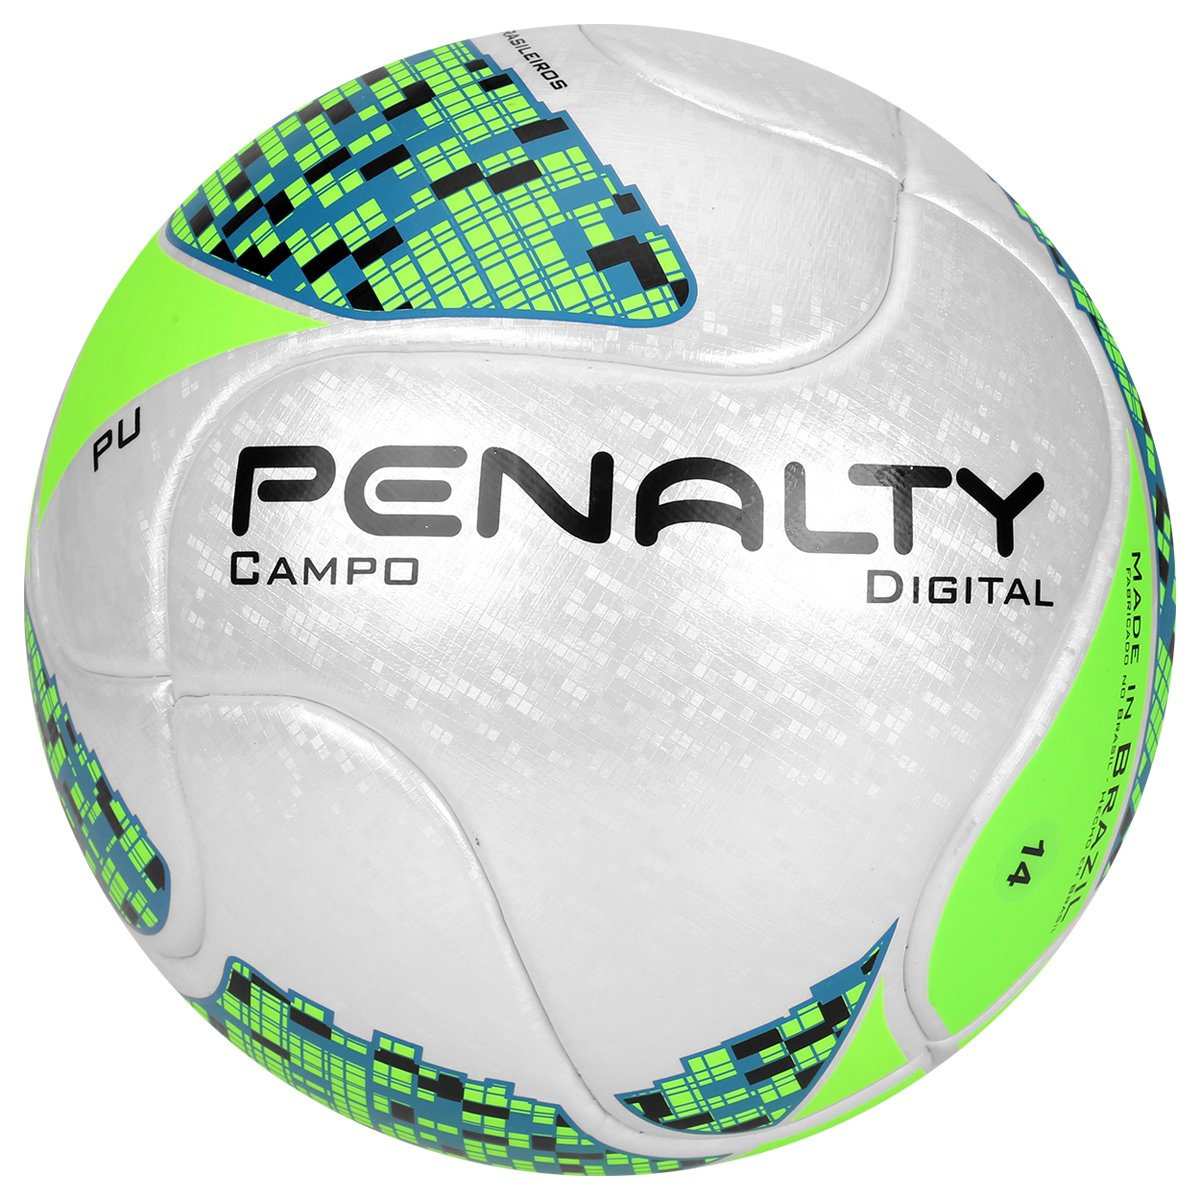 6956342b12 Bola Futebol Campo Penalty Digital Term 6 - Compre Agora